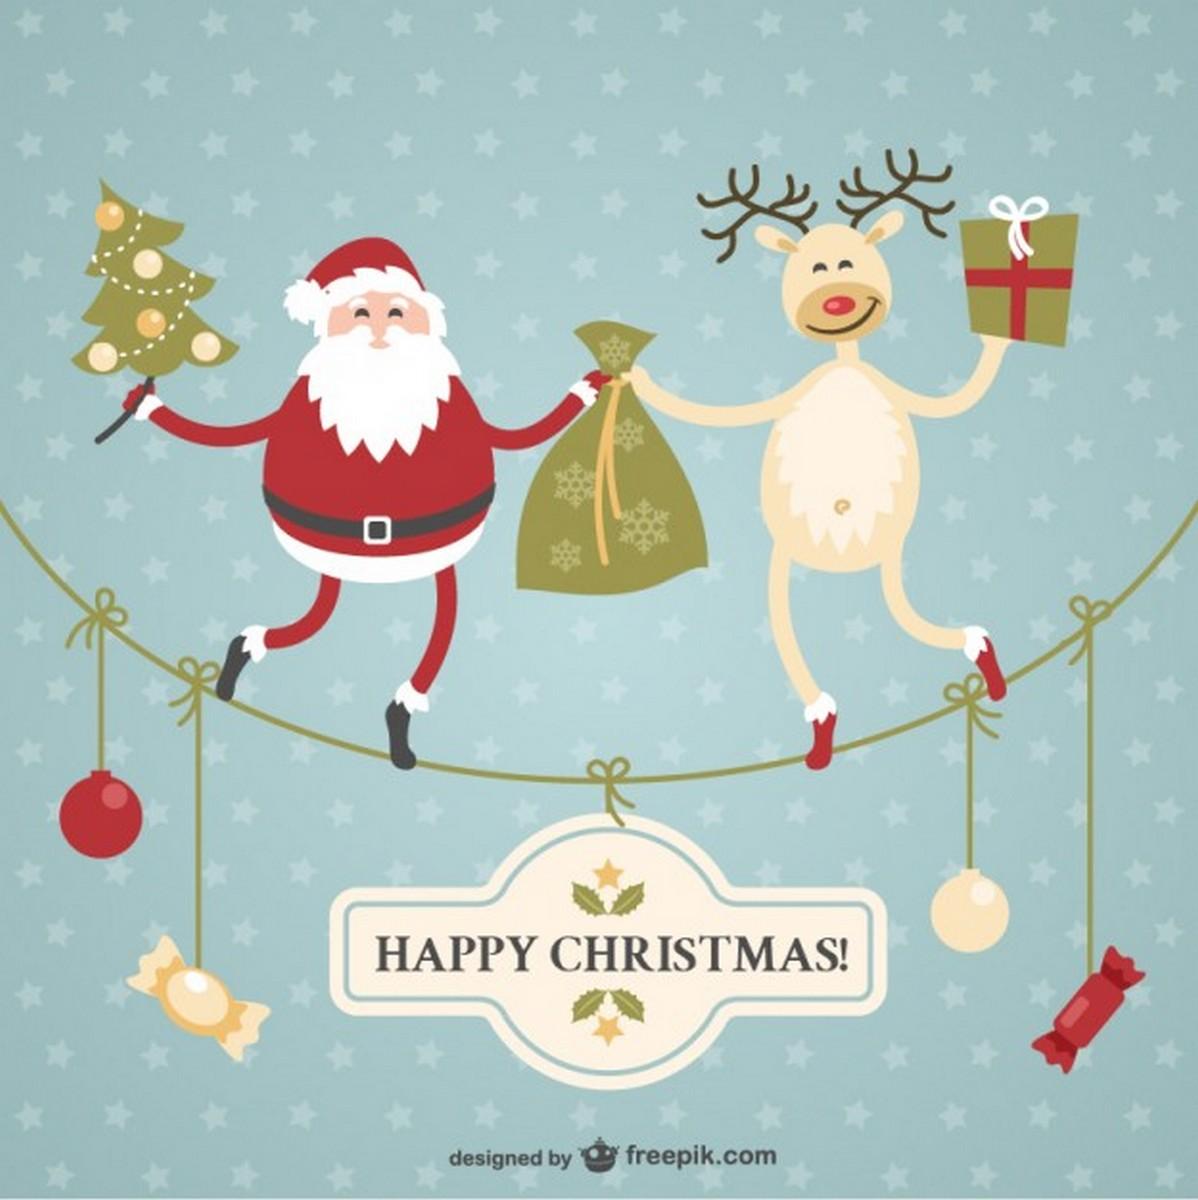 Auguri Di Natale On Tumblr.Gli Auguri Di Natale Al Tempo Dei Social